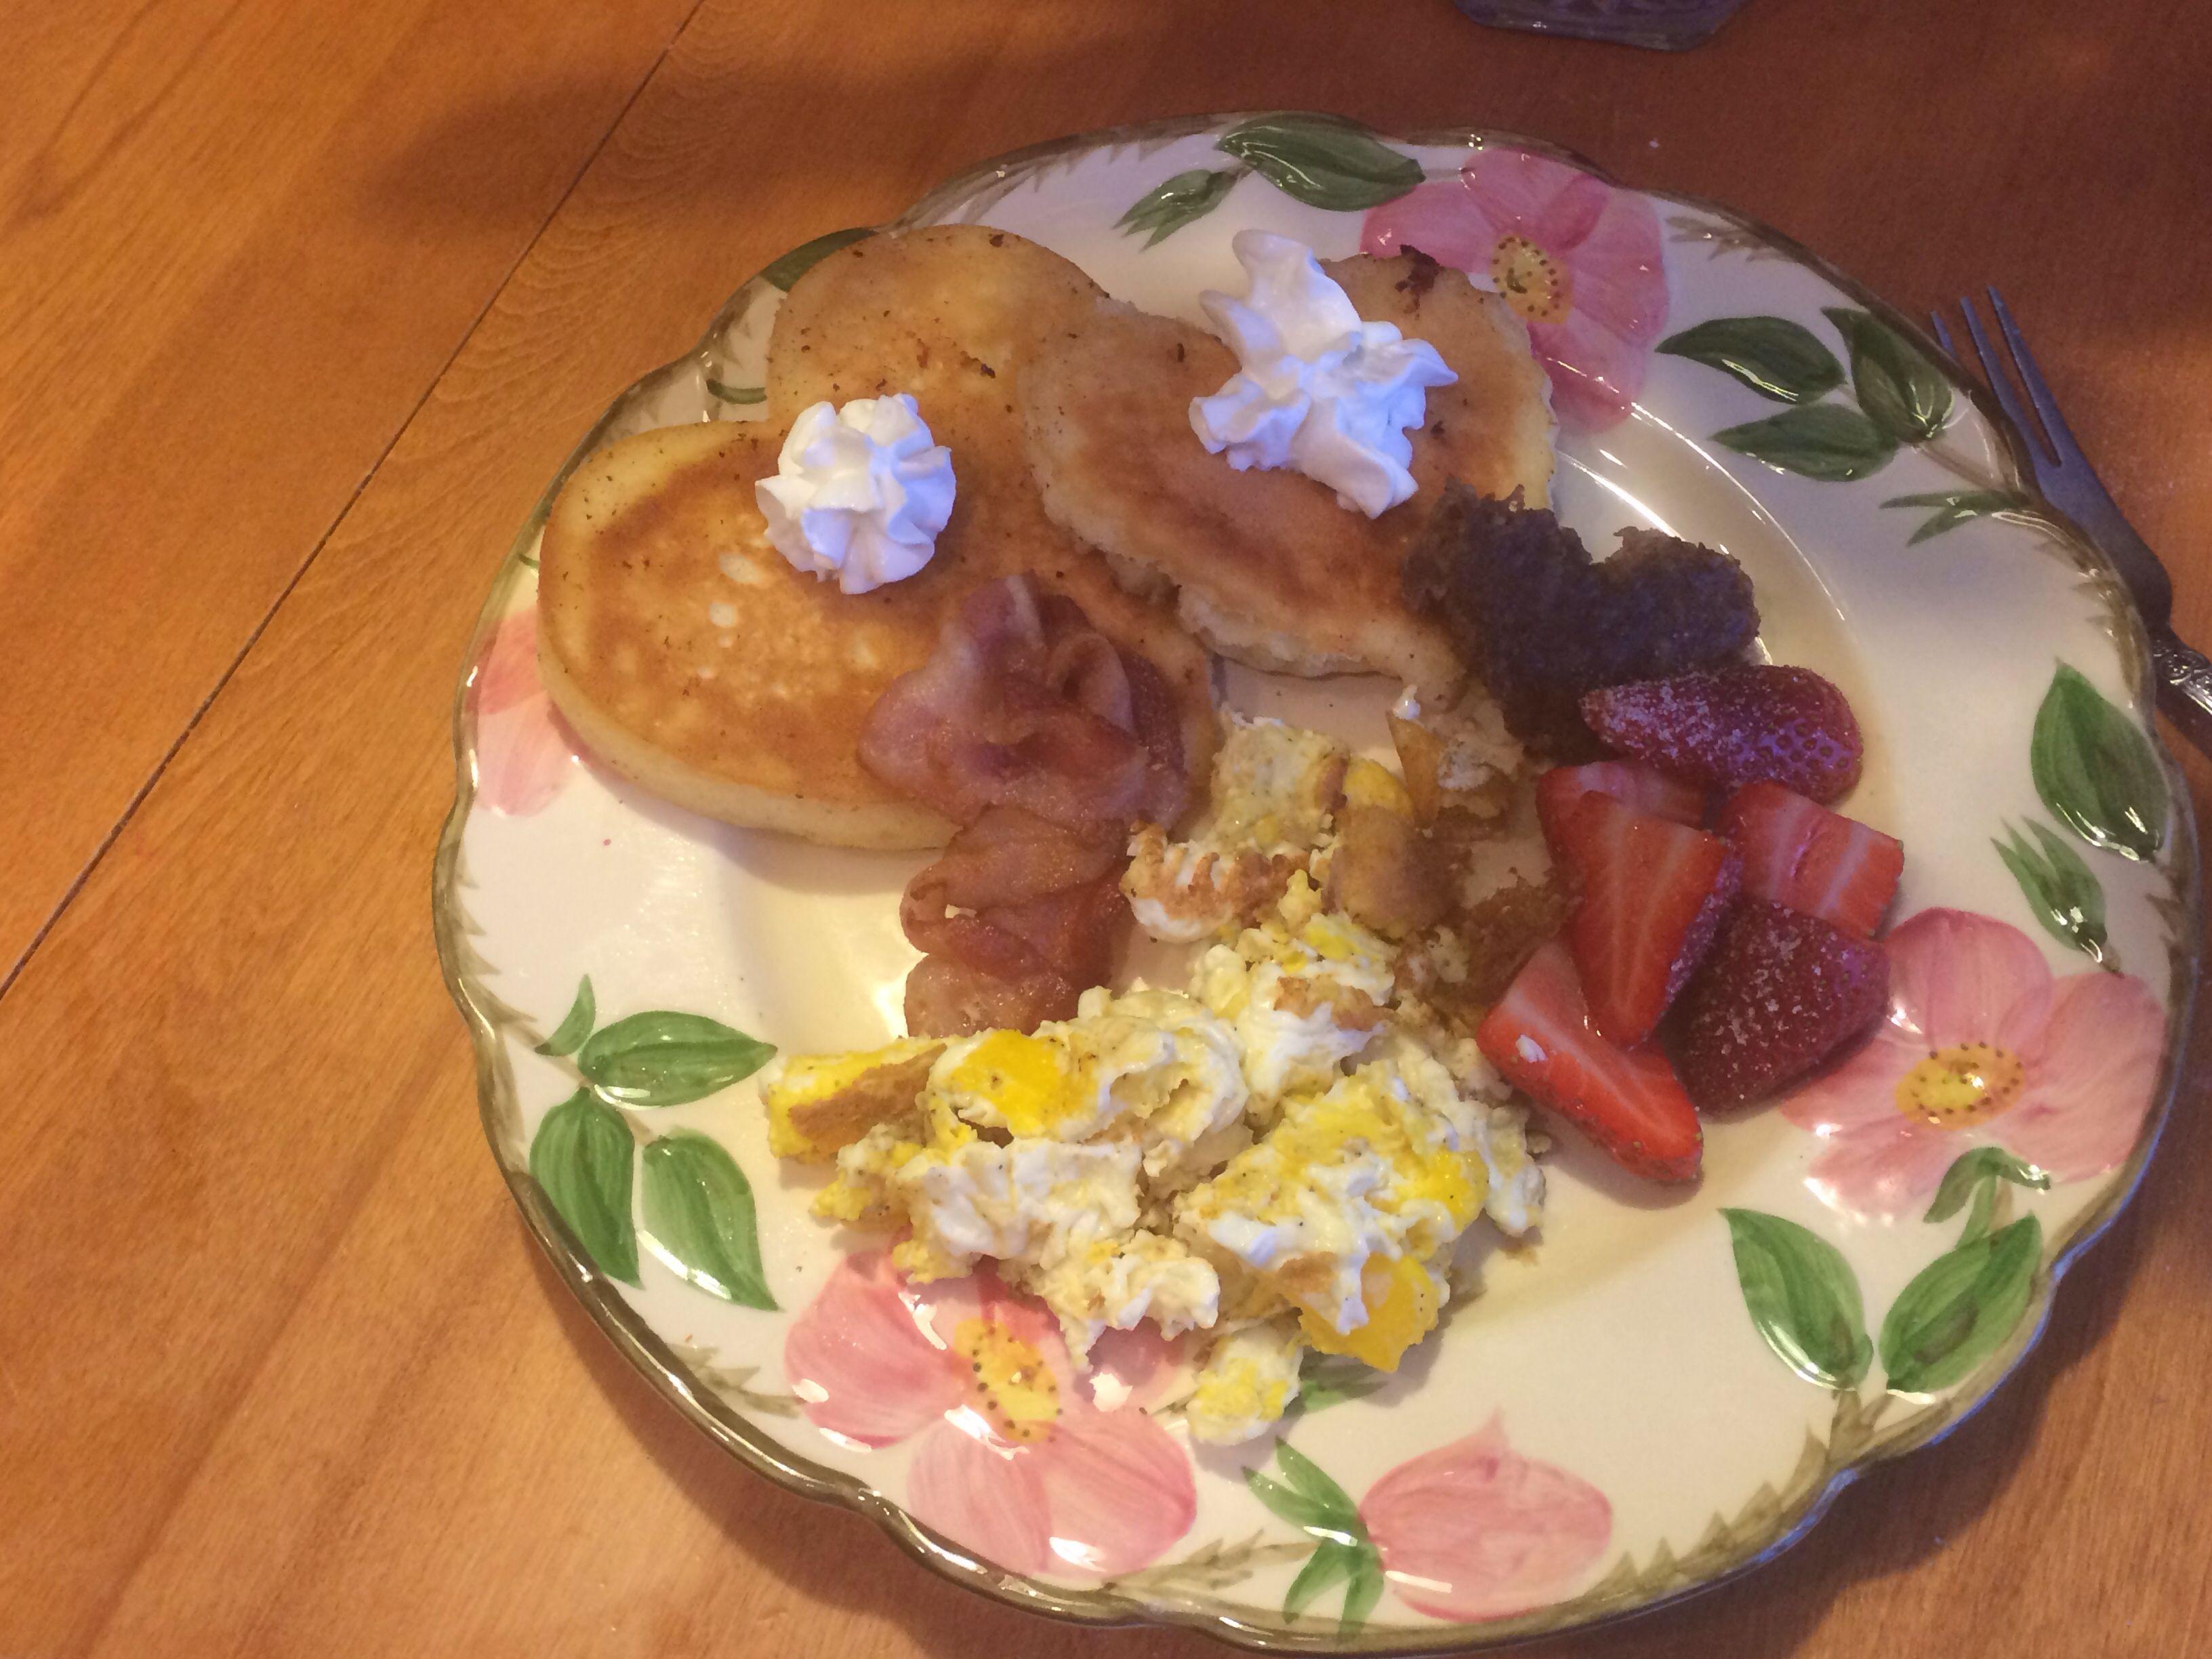 breakfast valentines day ideas